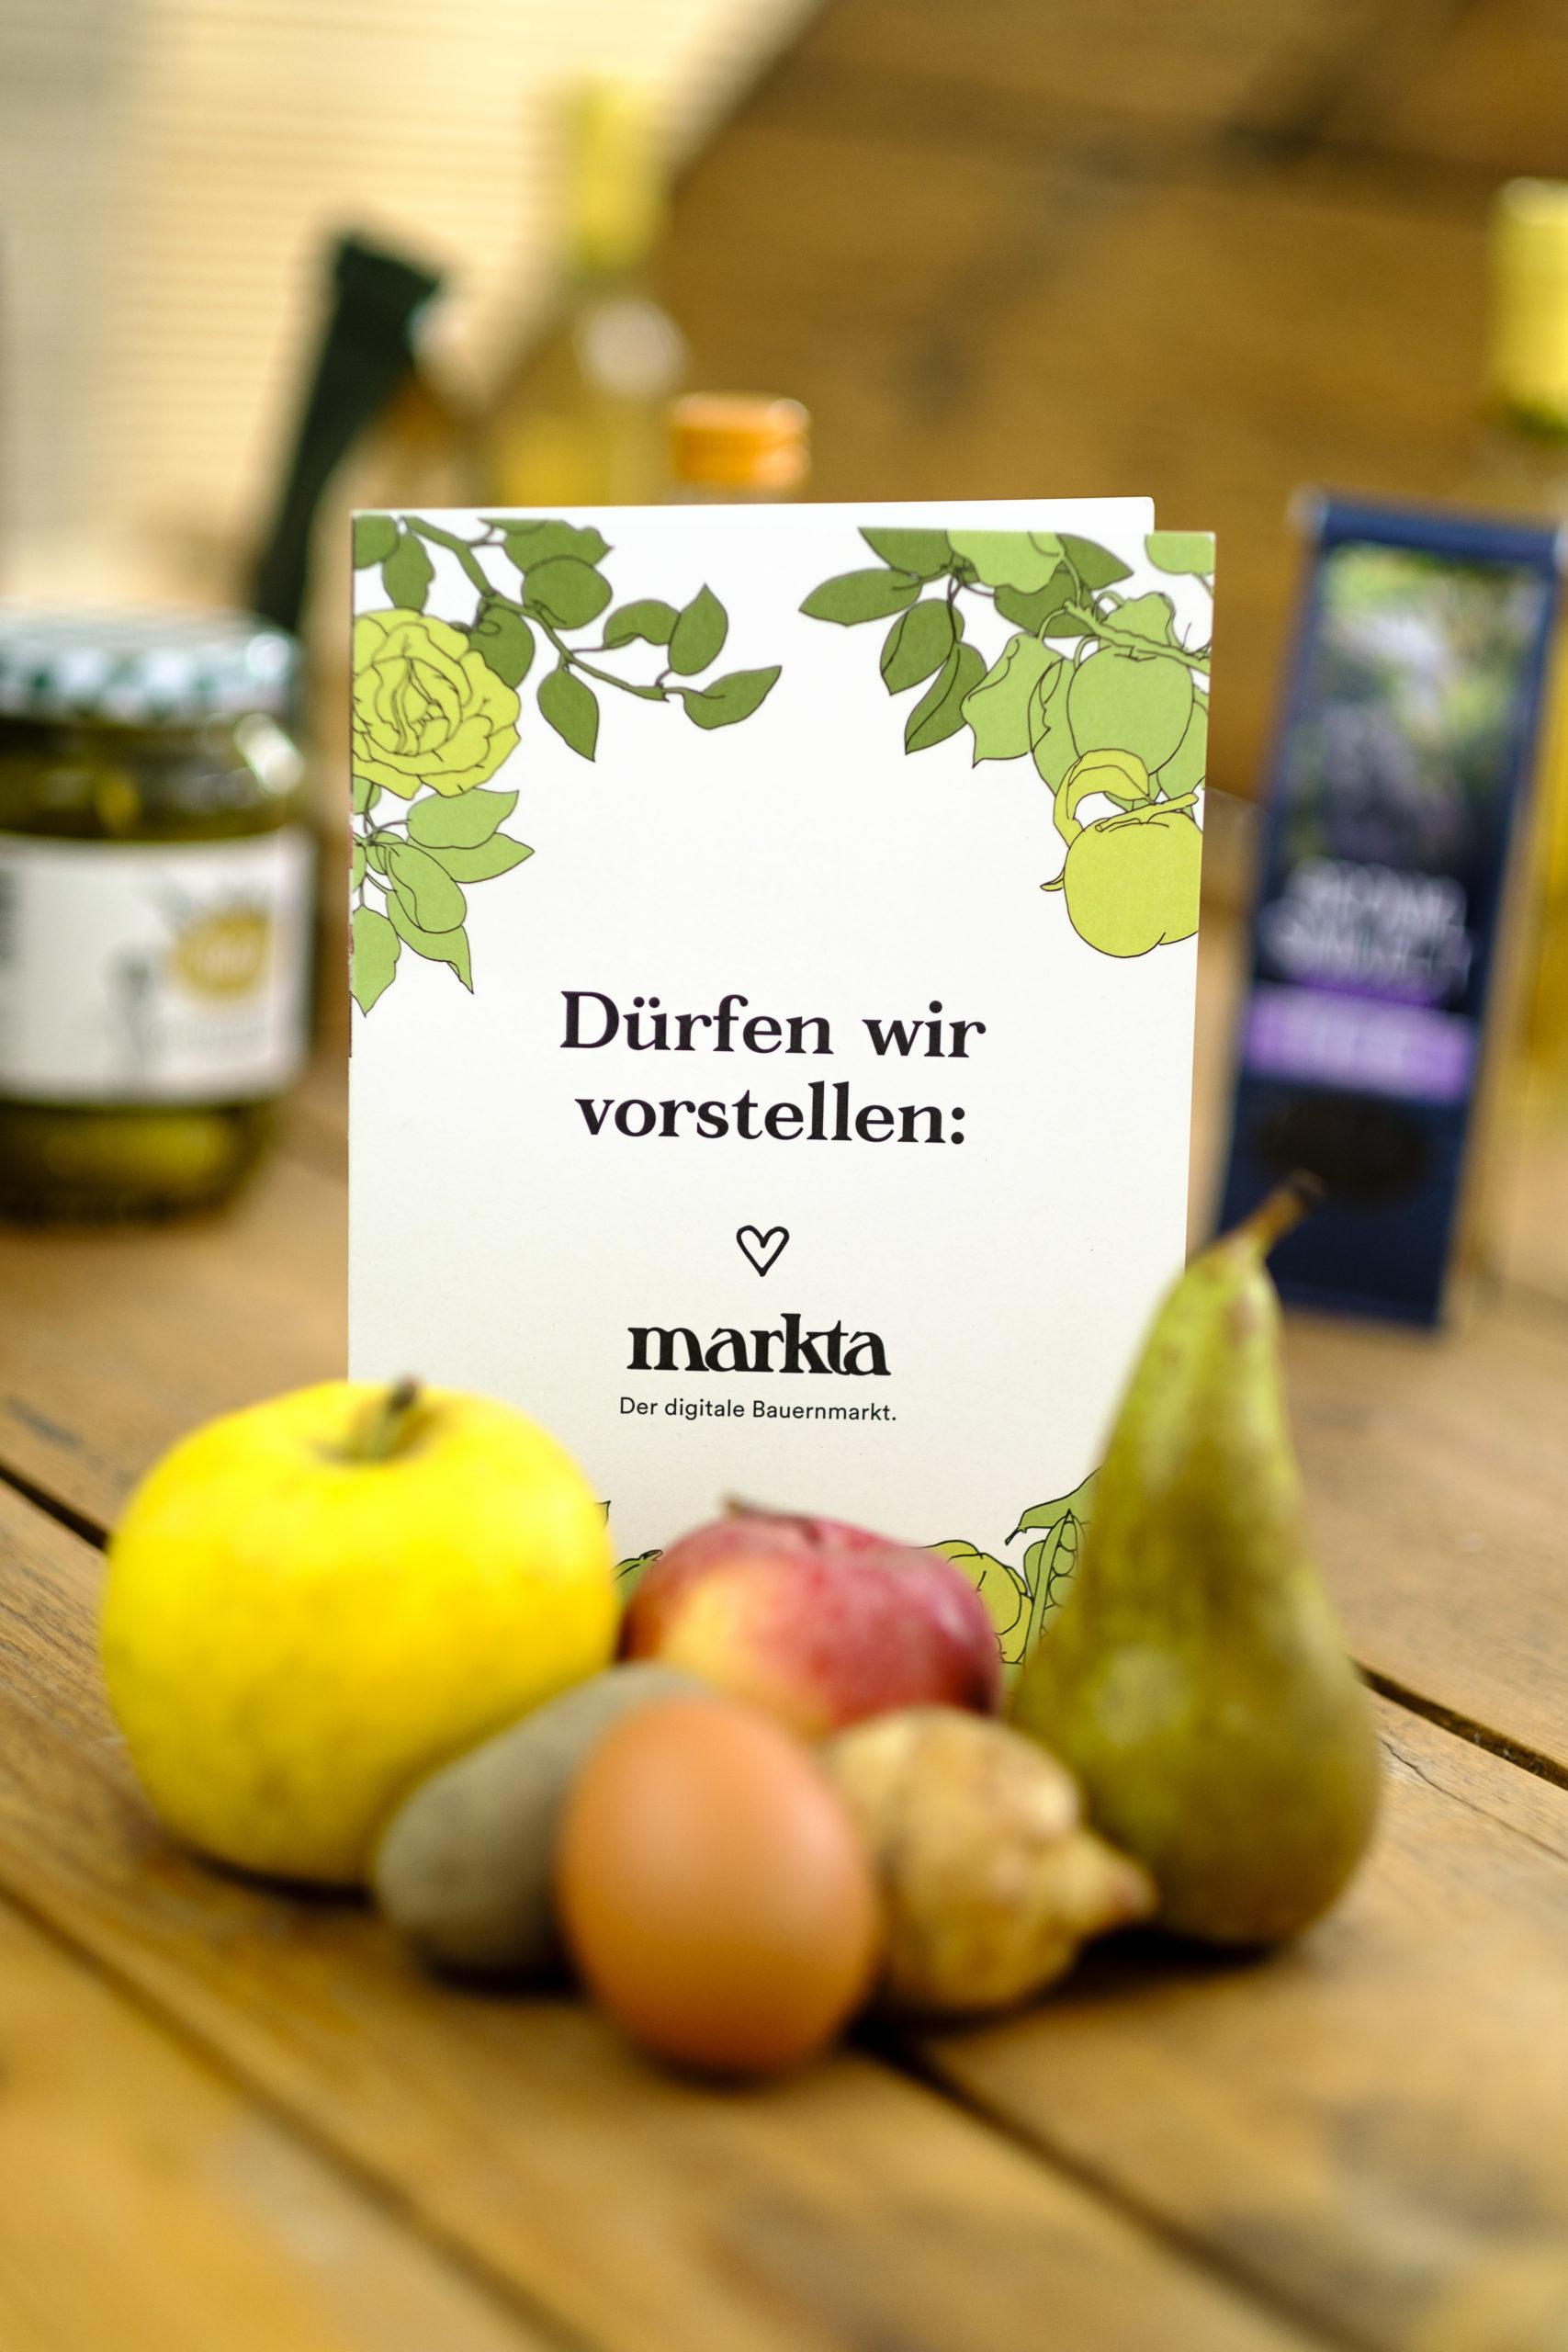 markta_cStefan Diesner 1